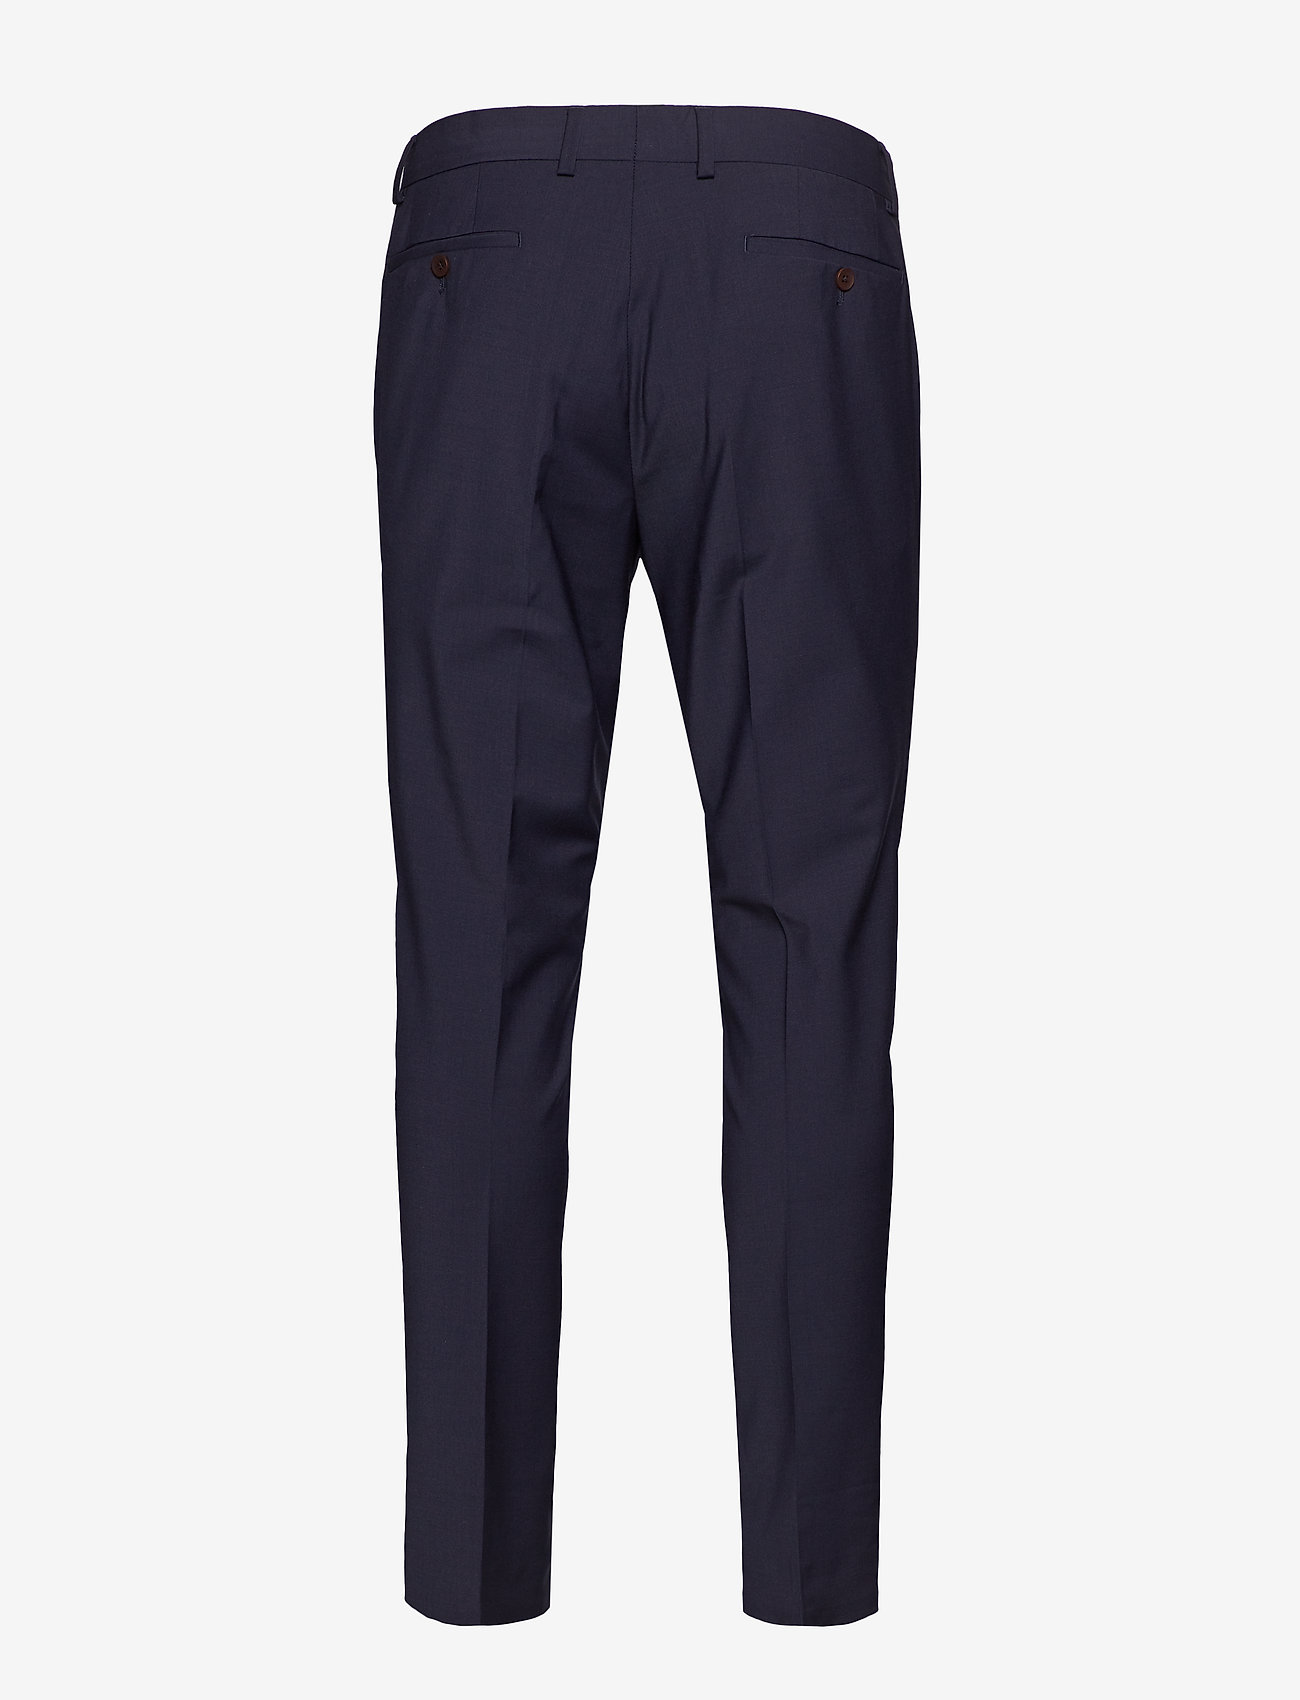 Esprit Collection Pants Suit - Byxor Navy